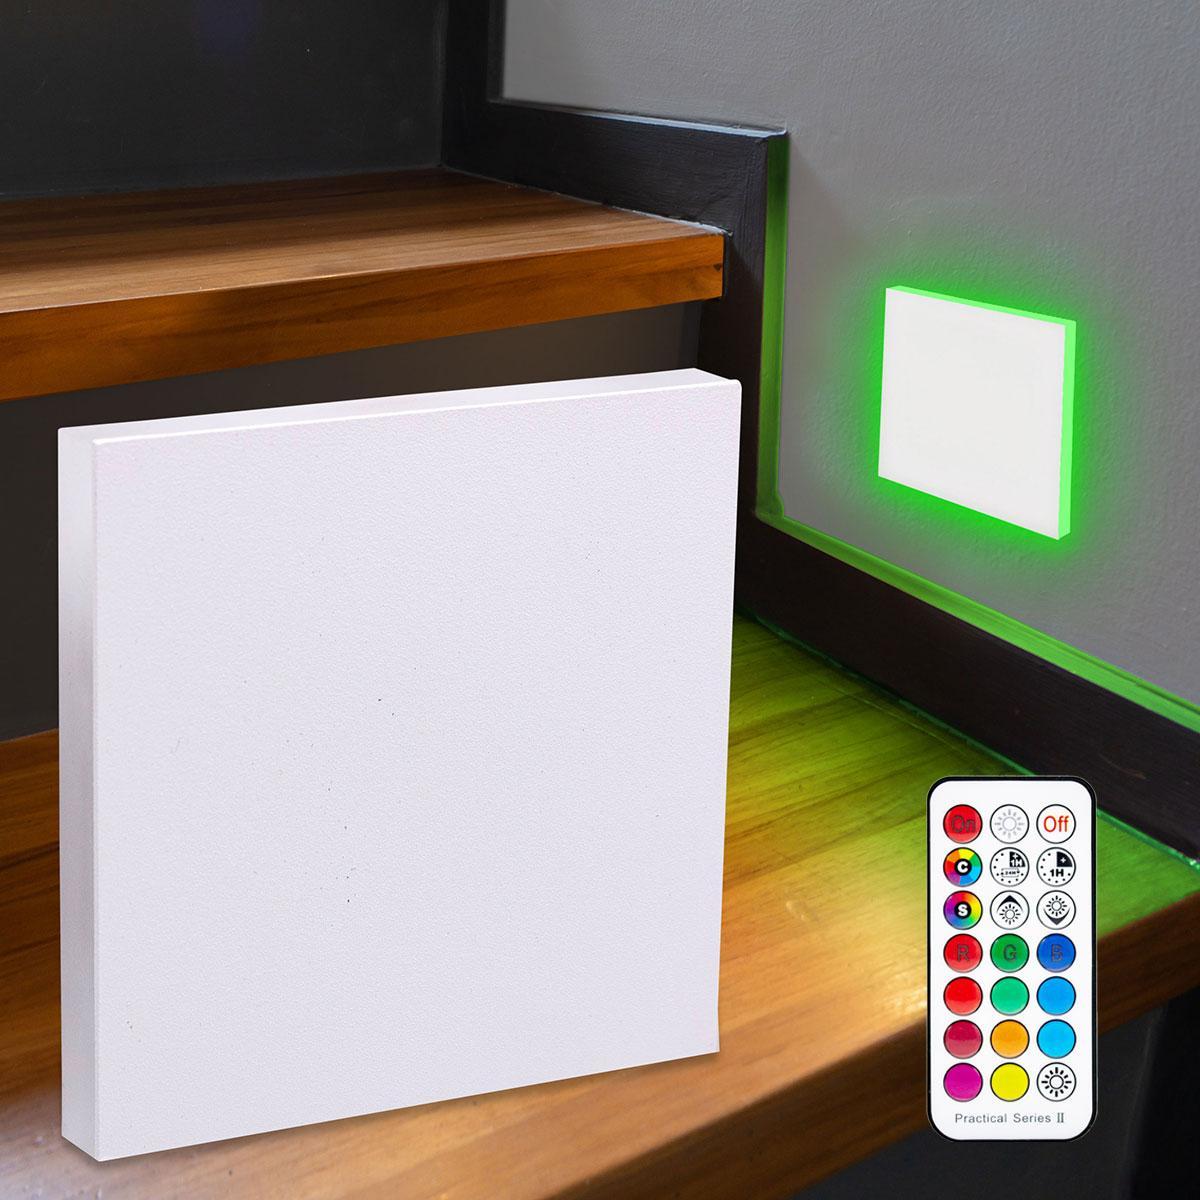 LED Treppenbeleuchtung Wandeinbauleuchte RGB+Warmweiß 230V 3W weiß Lichtaustritt seitlich